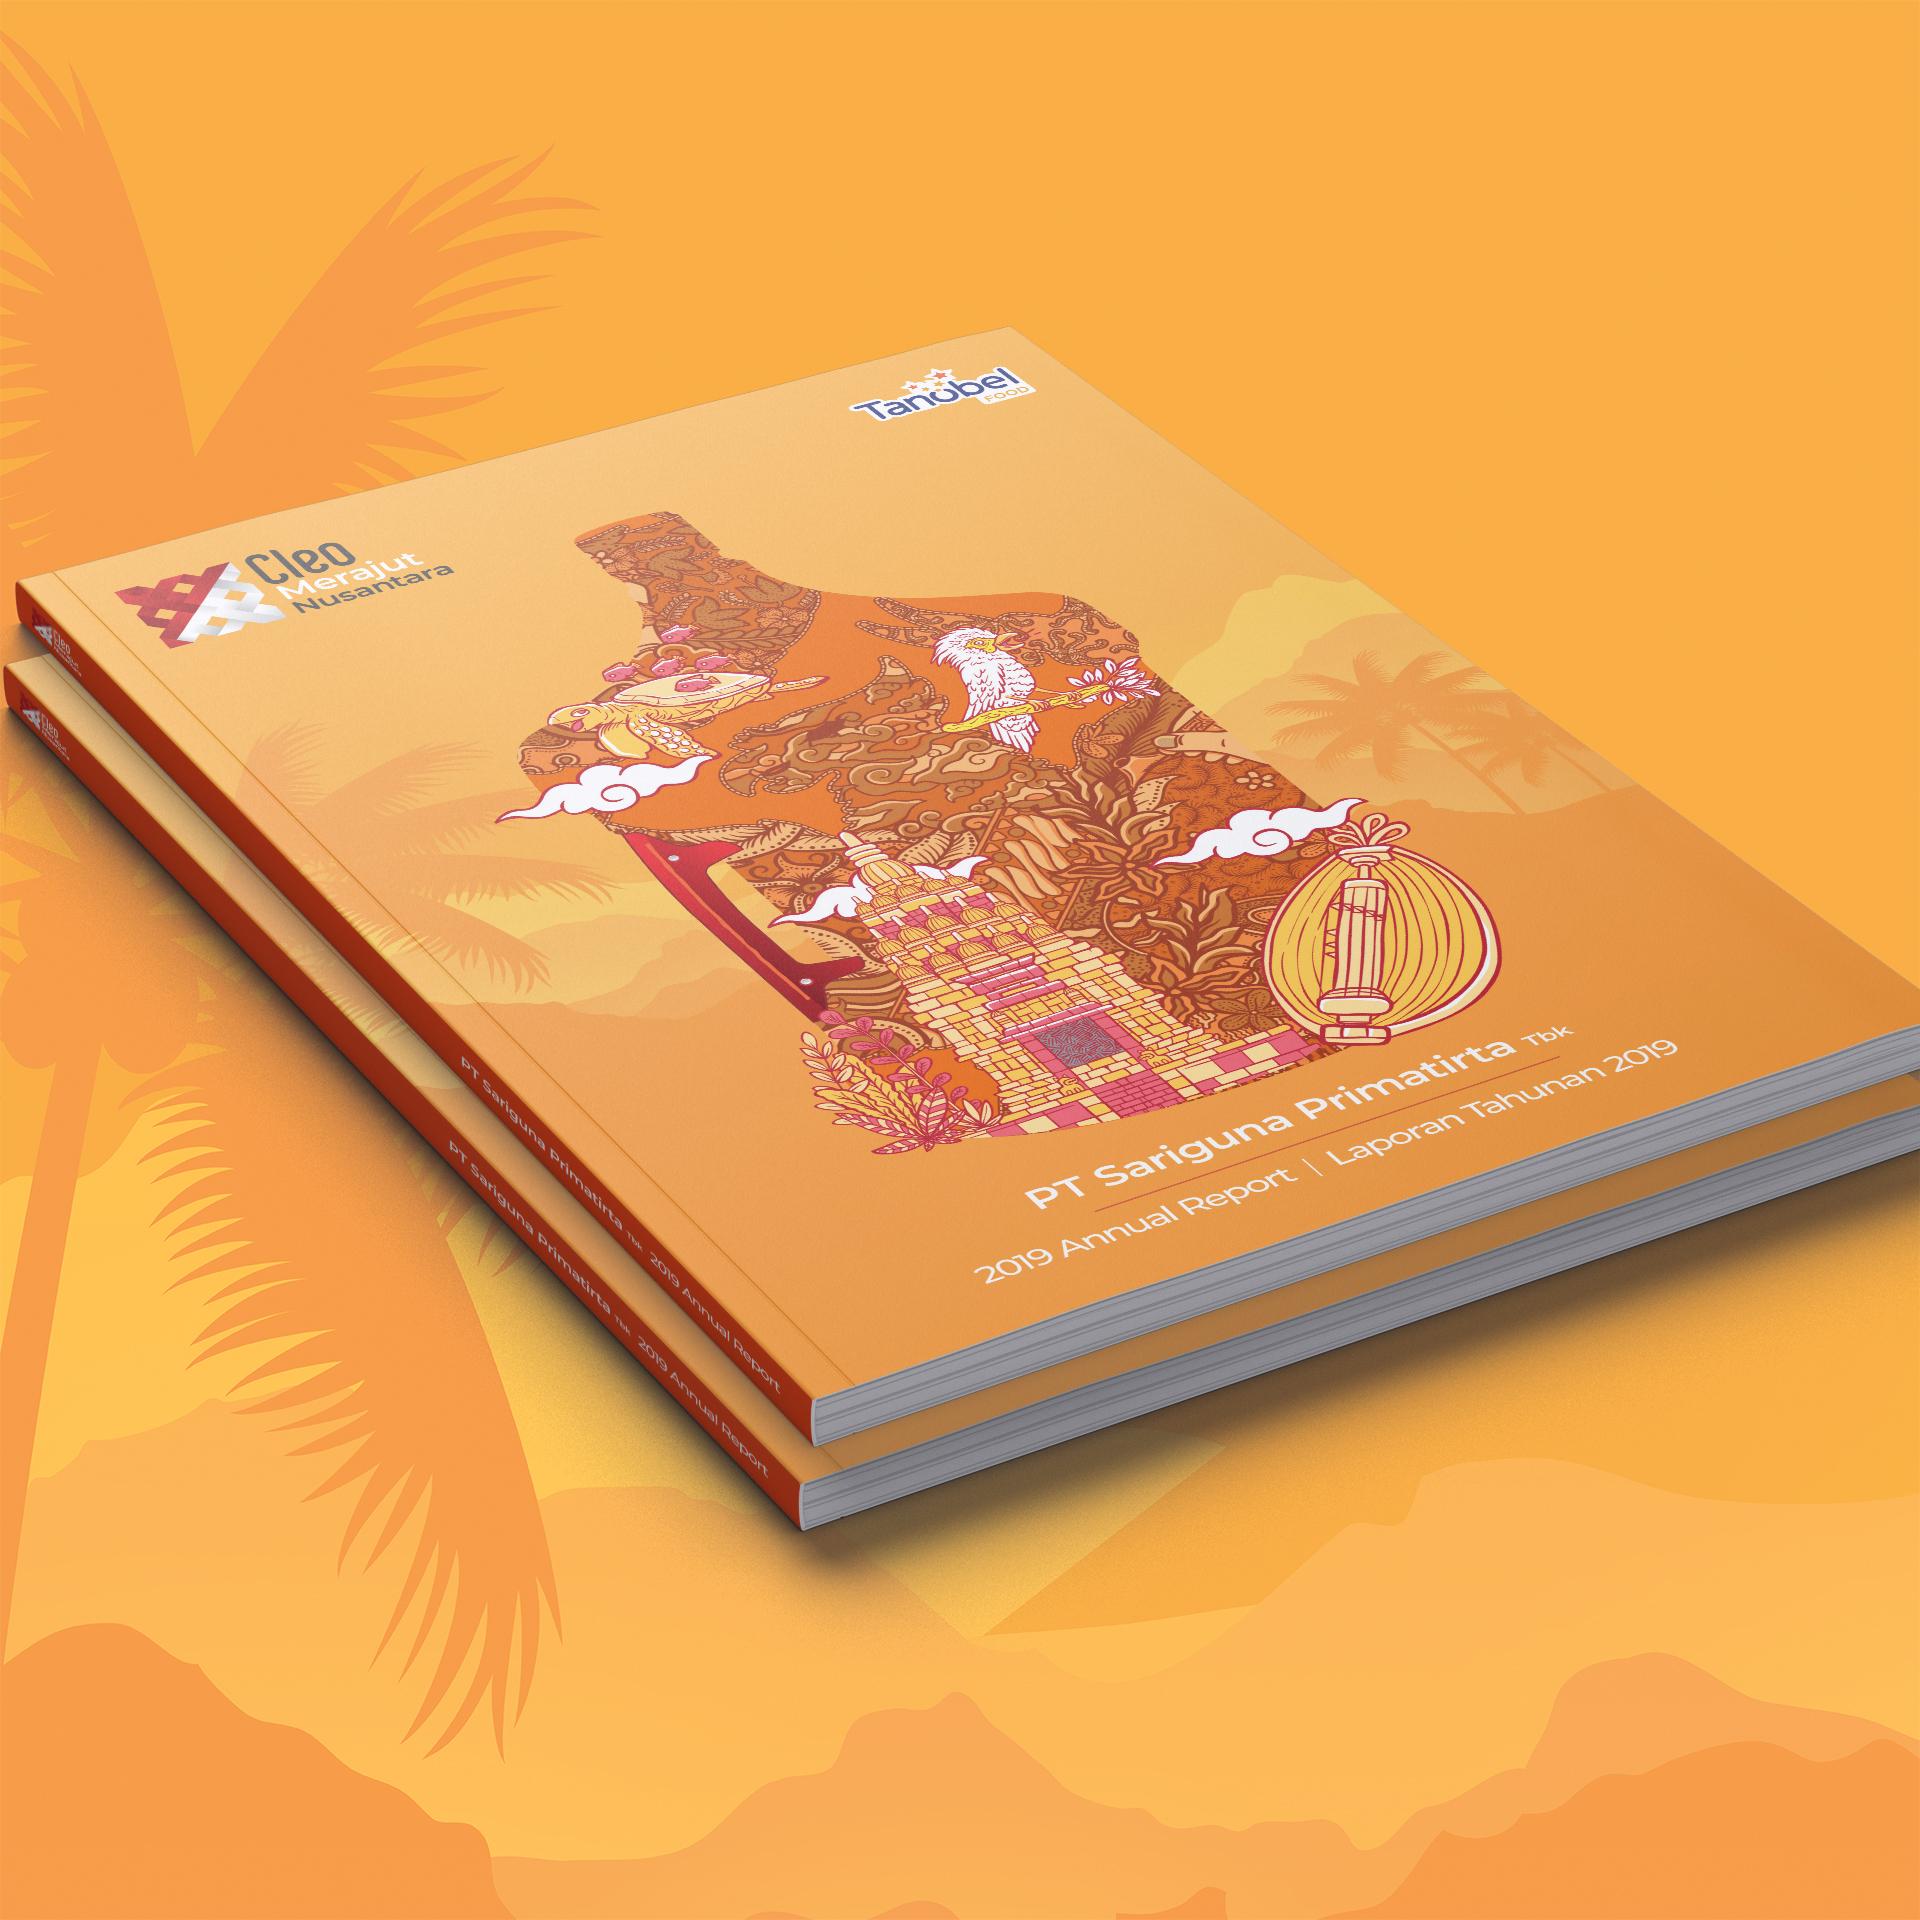 Annual Report Tanobel 2019